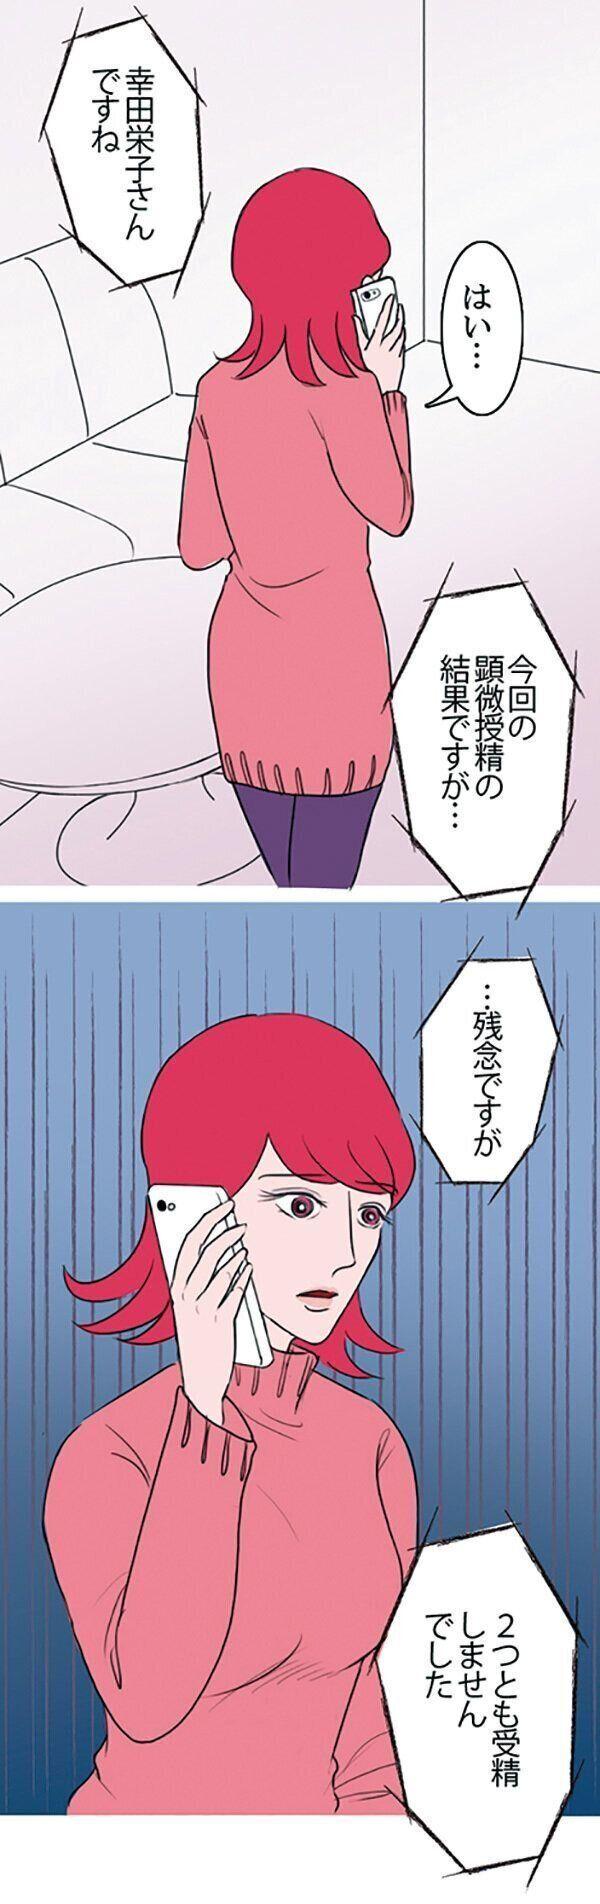 駒井さん妊活ヒストリー「2度目の採卵」